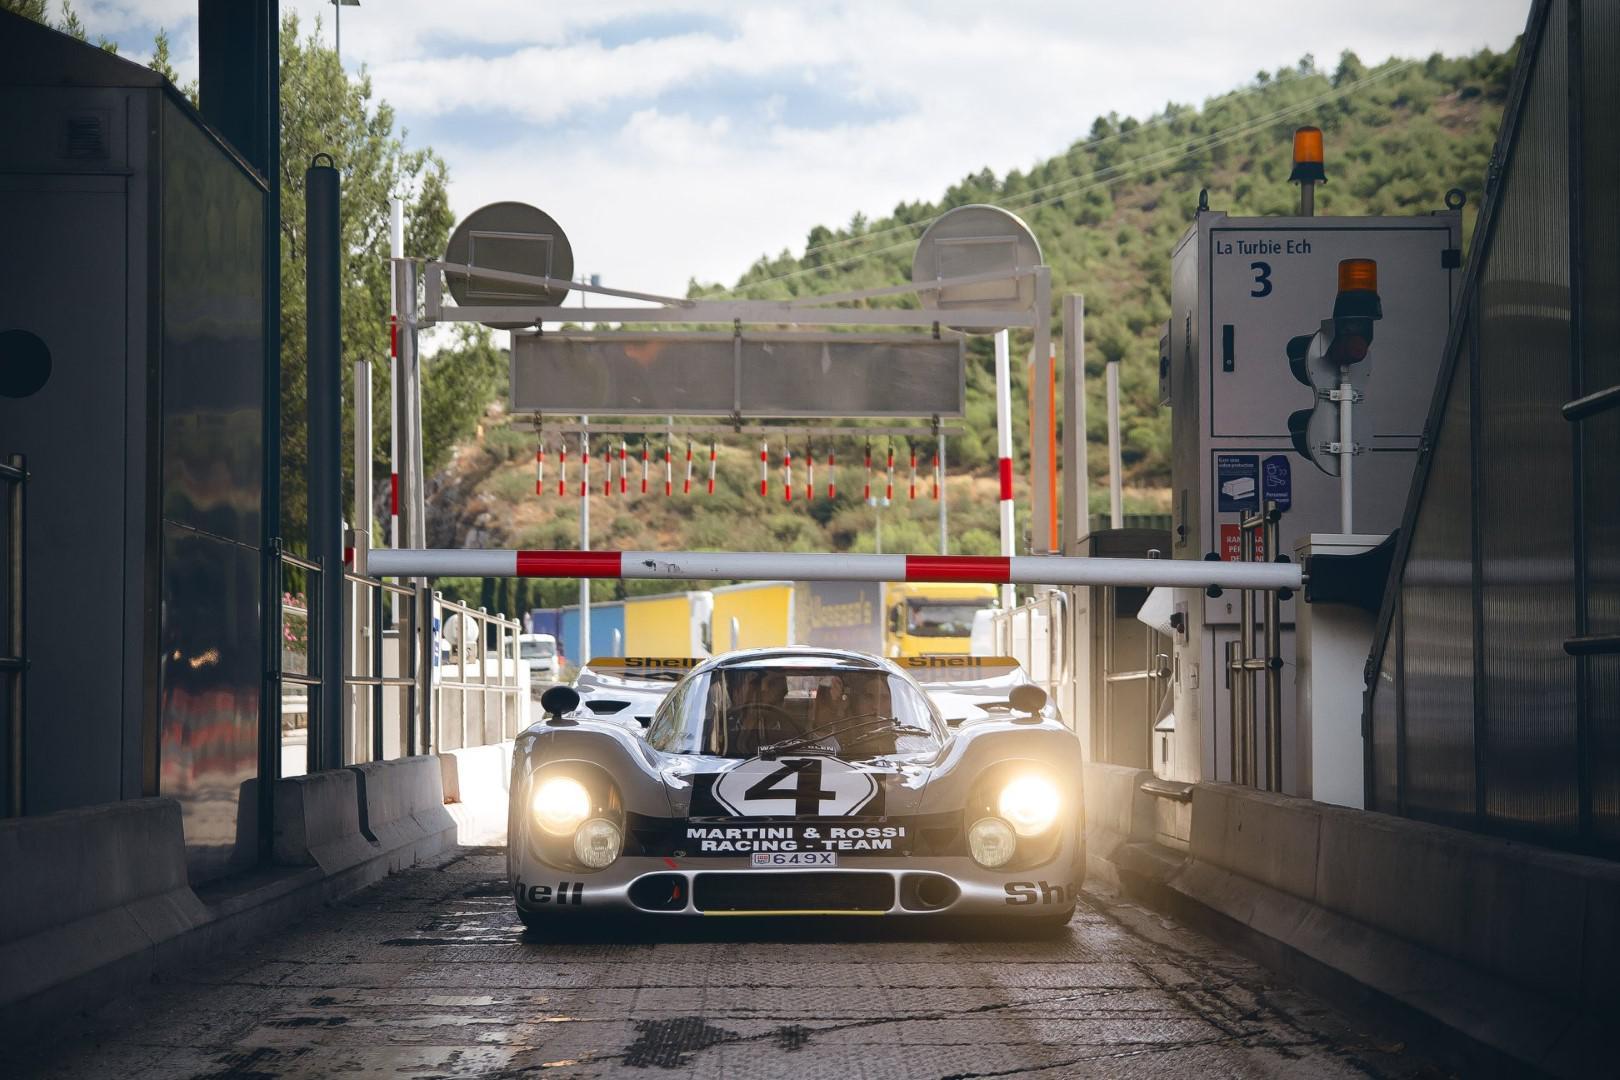 un-collectionneur-fait-homologuer-une-porsche-917k-chassis-917-037-pour-la-route-755-8.jpg